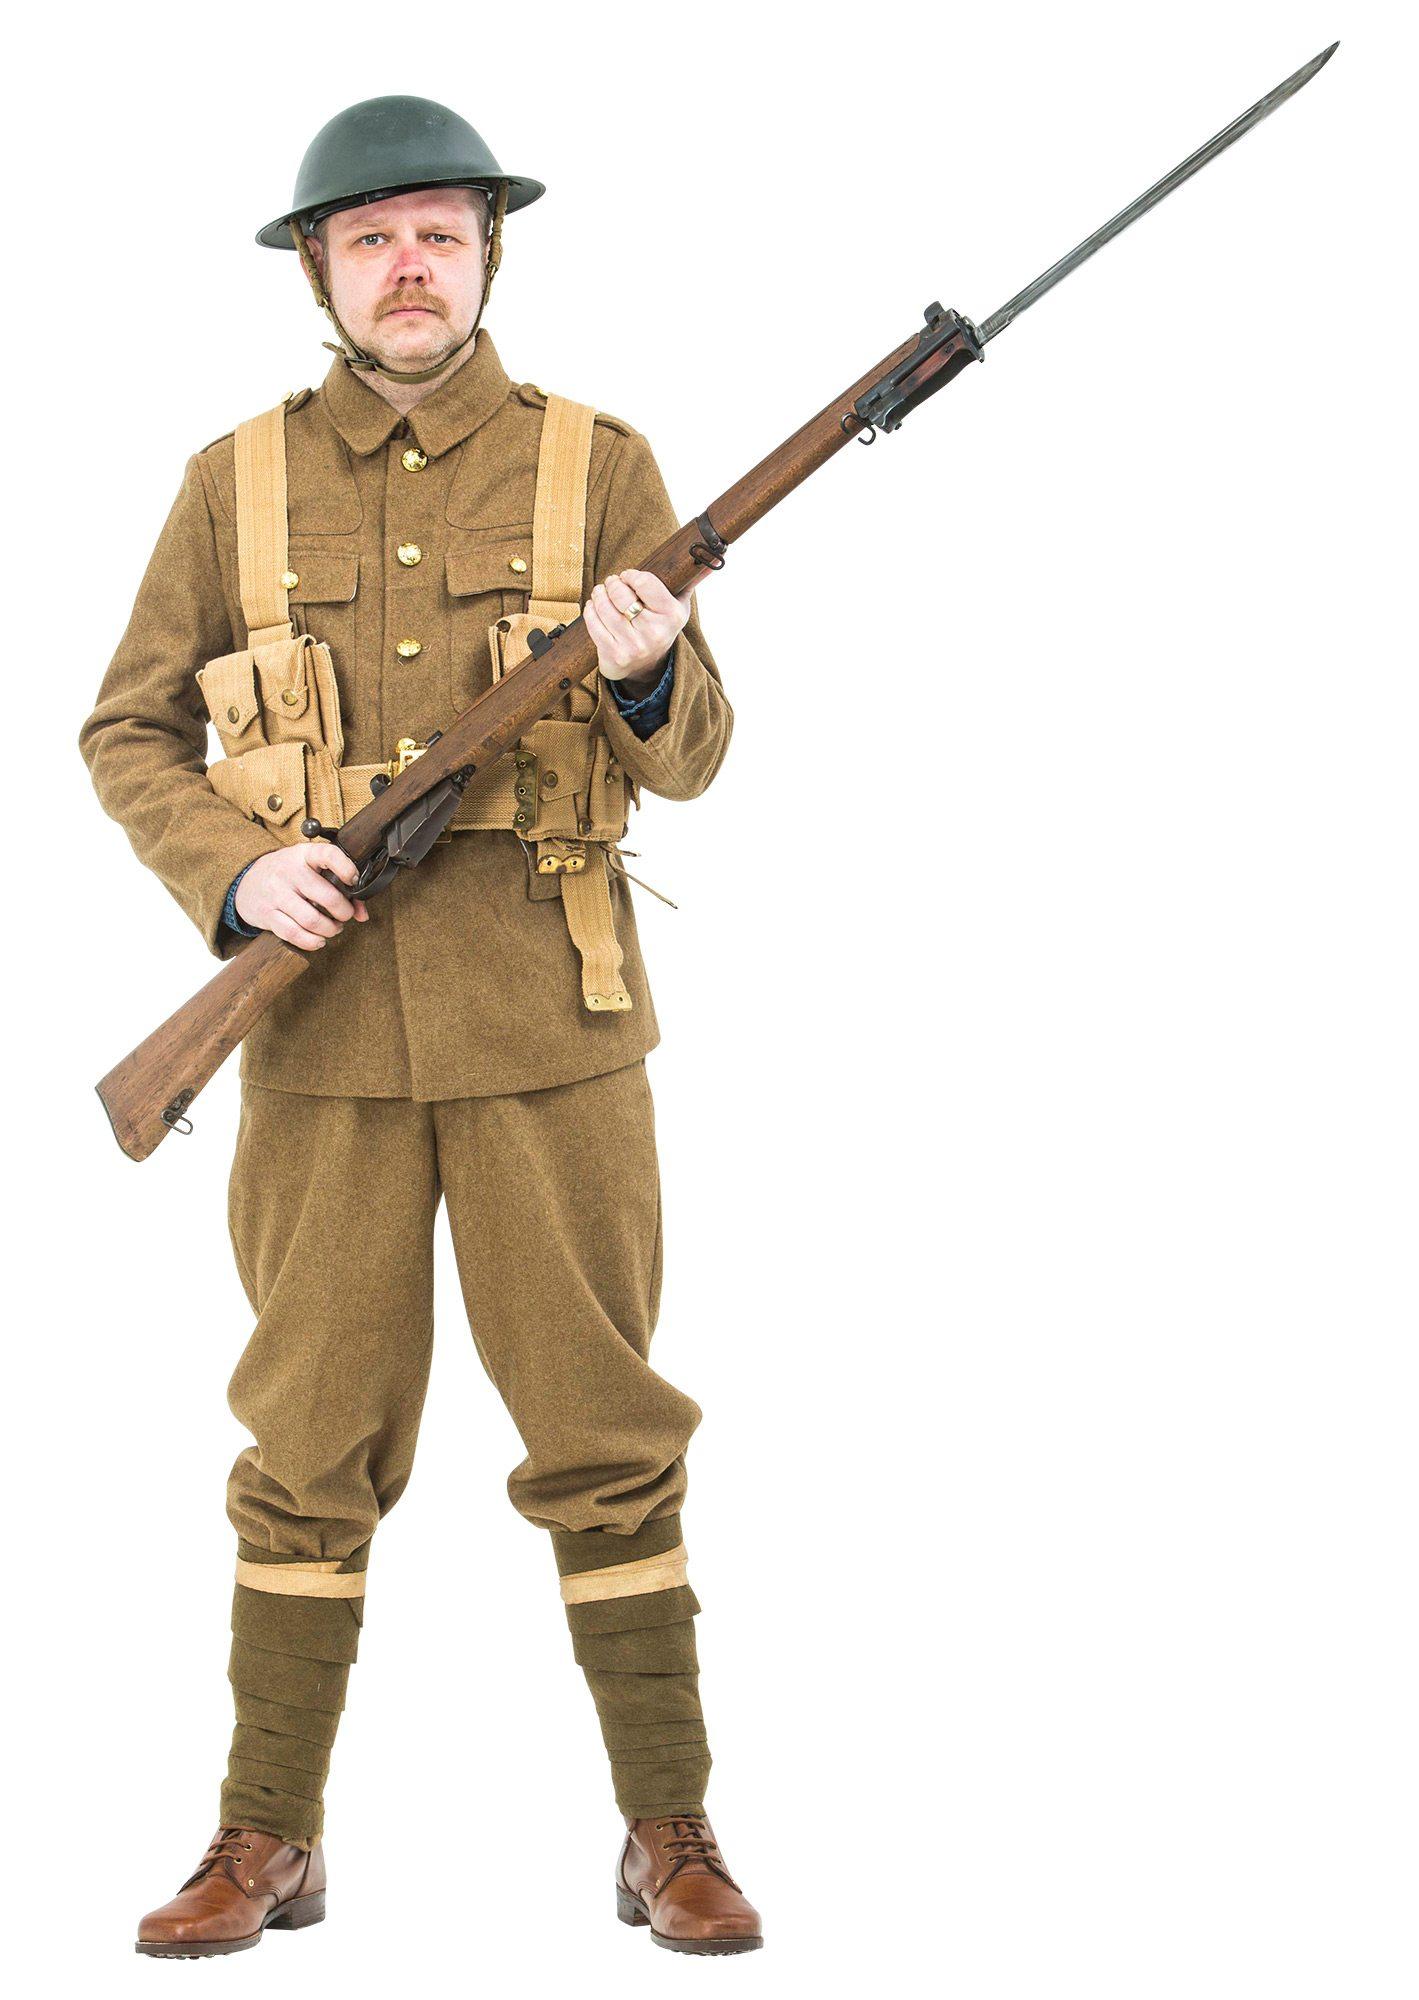 ww1 british army soldiers uniform 1914 including webbing